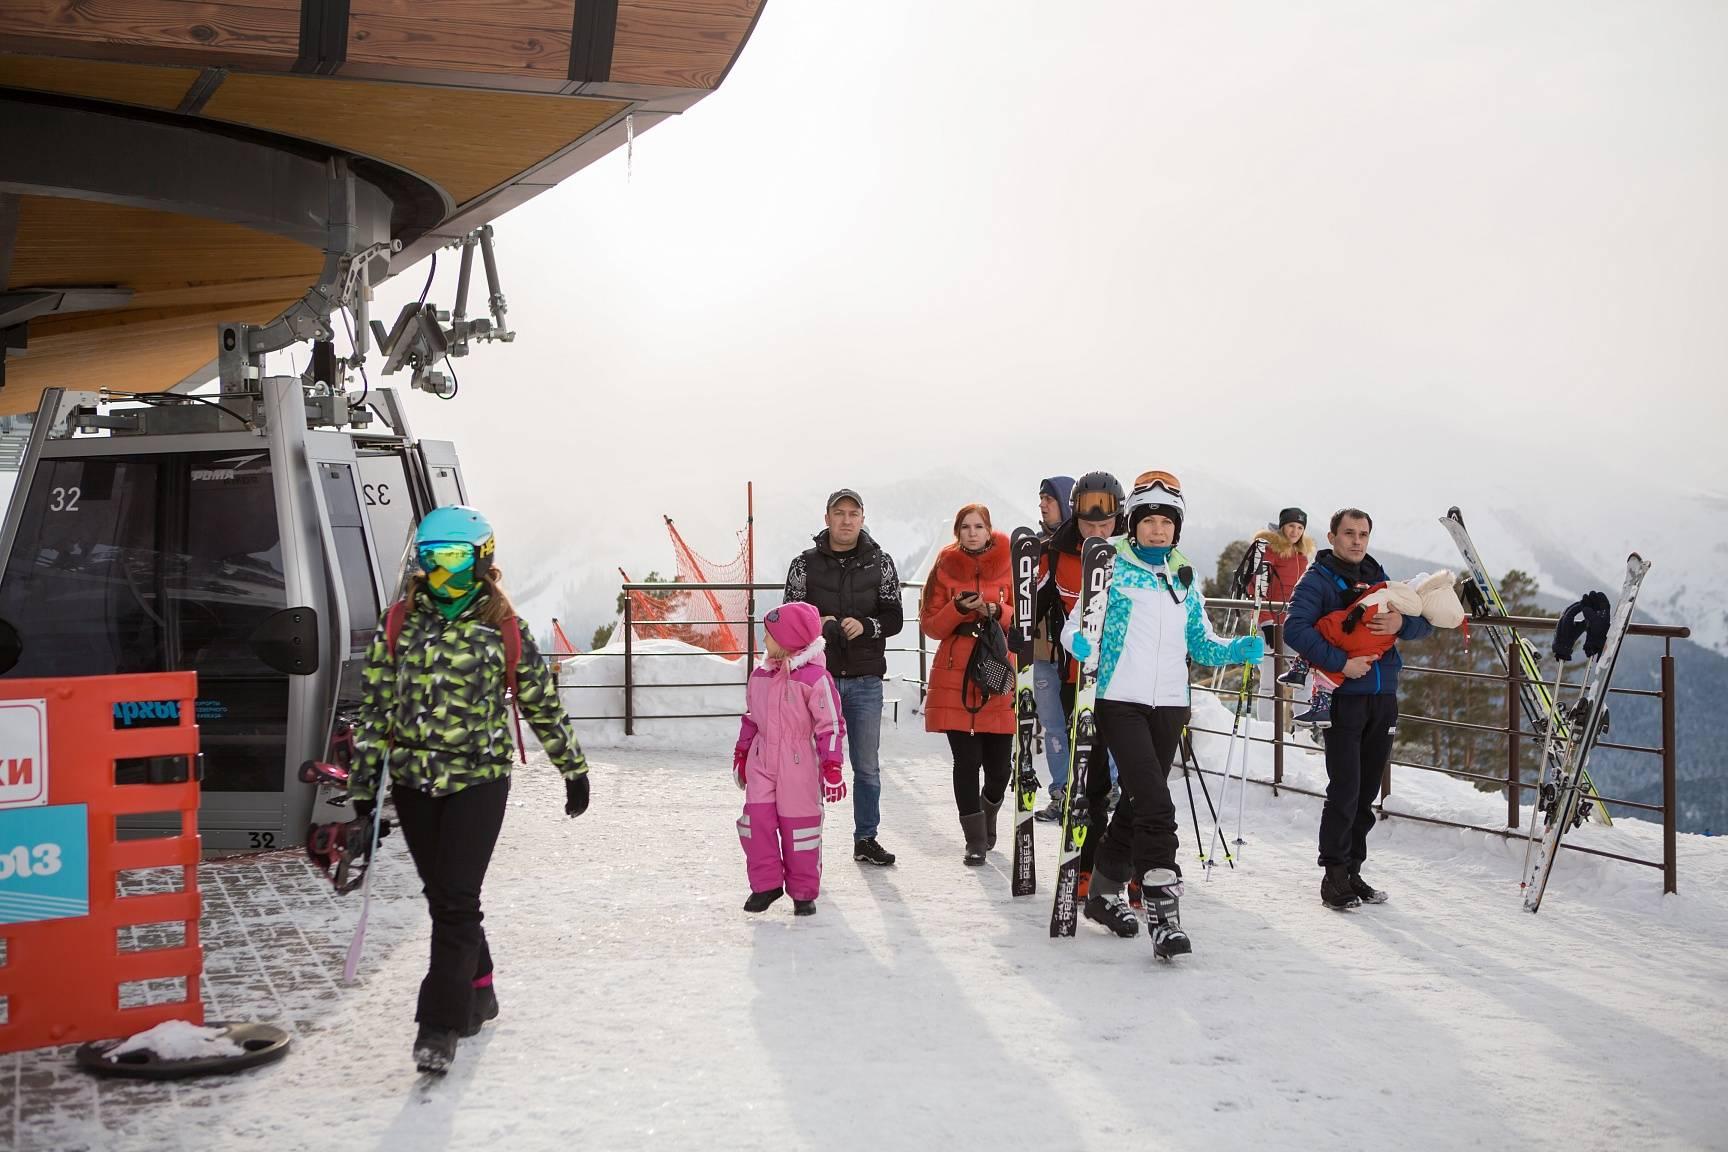 Сноупарк откроется на курорте «Архыз» в конце февраля